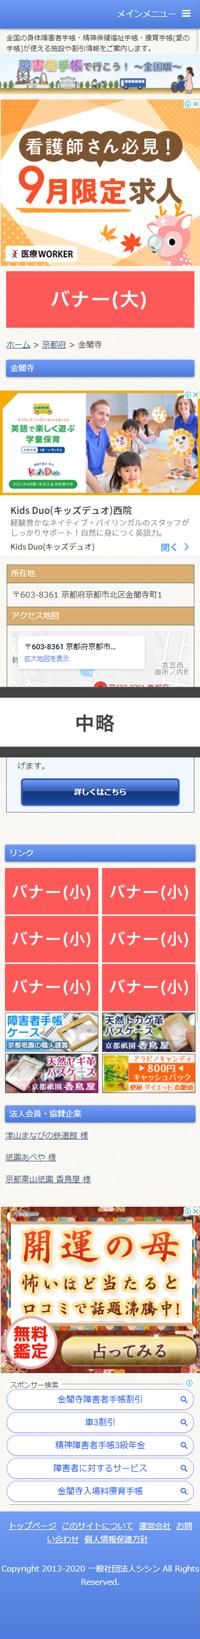 バナー広告配置図(スマホ)